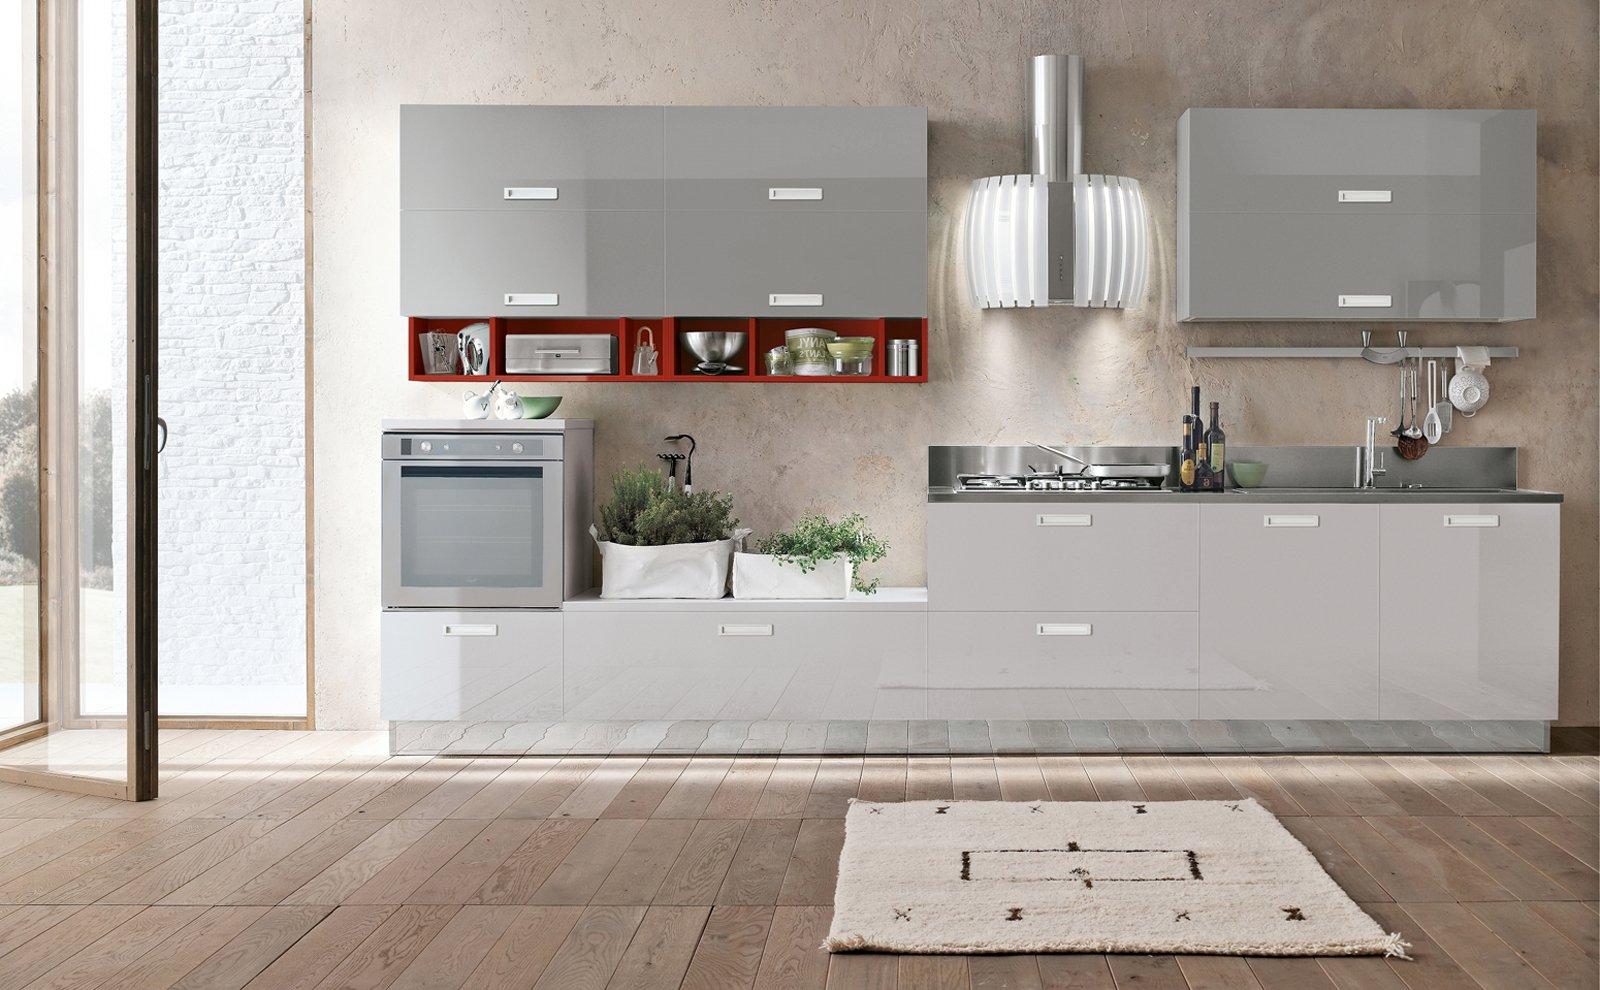 Piombo E Grigio Cenere La Cucina Scelta è Milly Di Stosa Cucine  #6C3F33 1600 990 Foto Di Cucine In Stile Provenzale